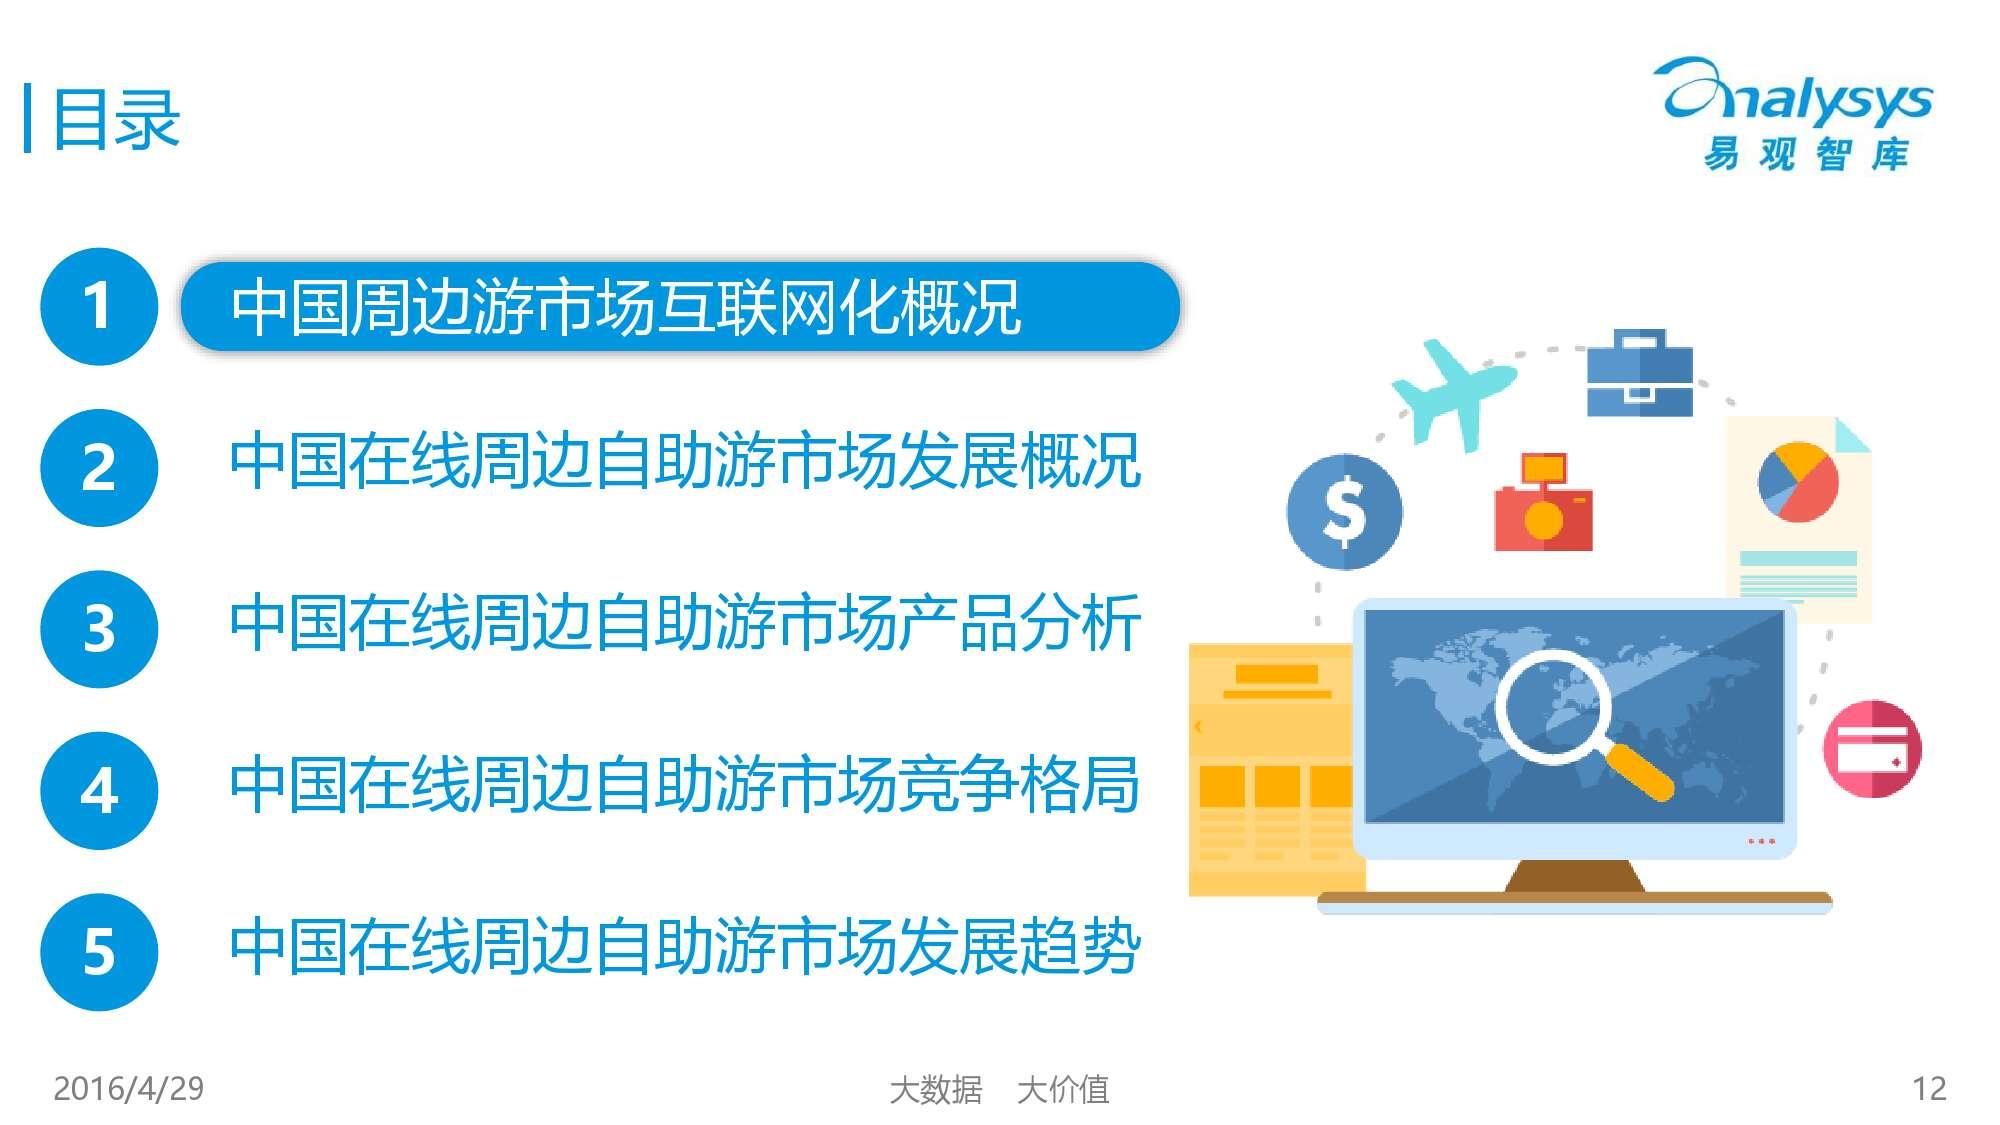 中国在线周边自助游市场专题研究报告2016_000012